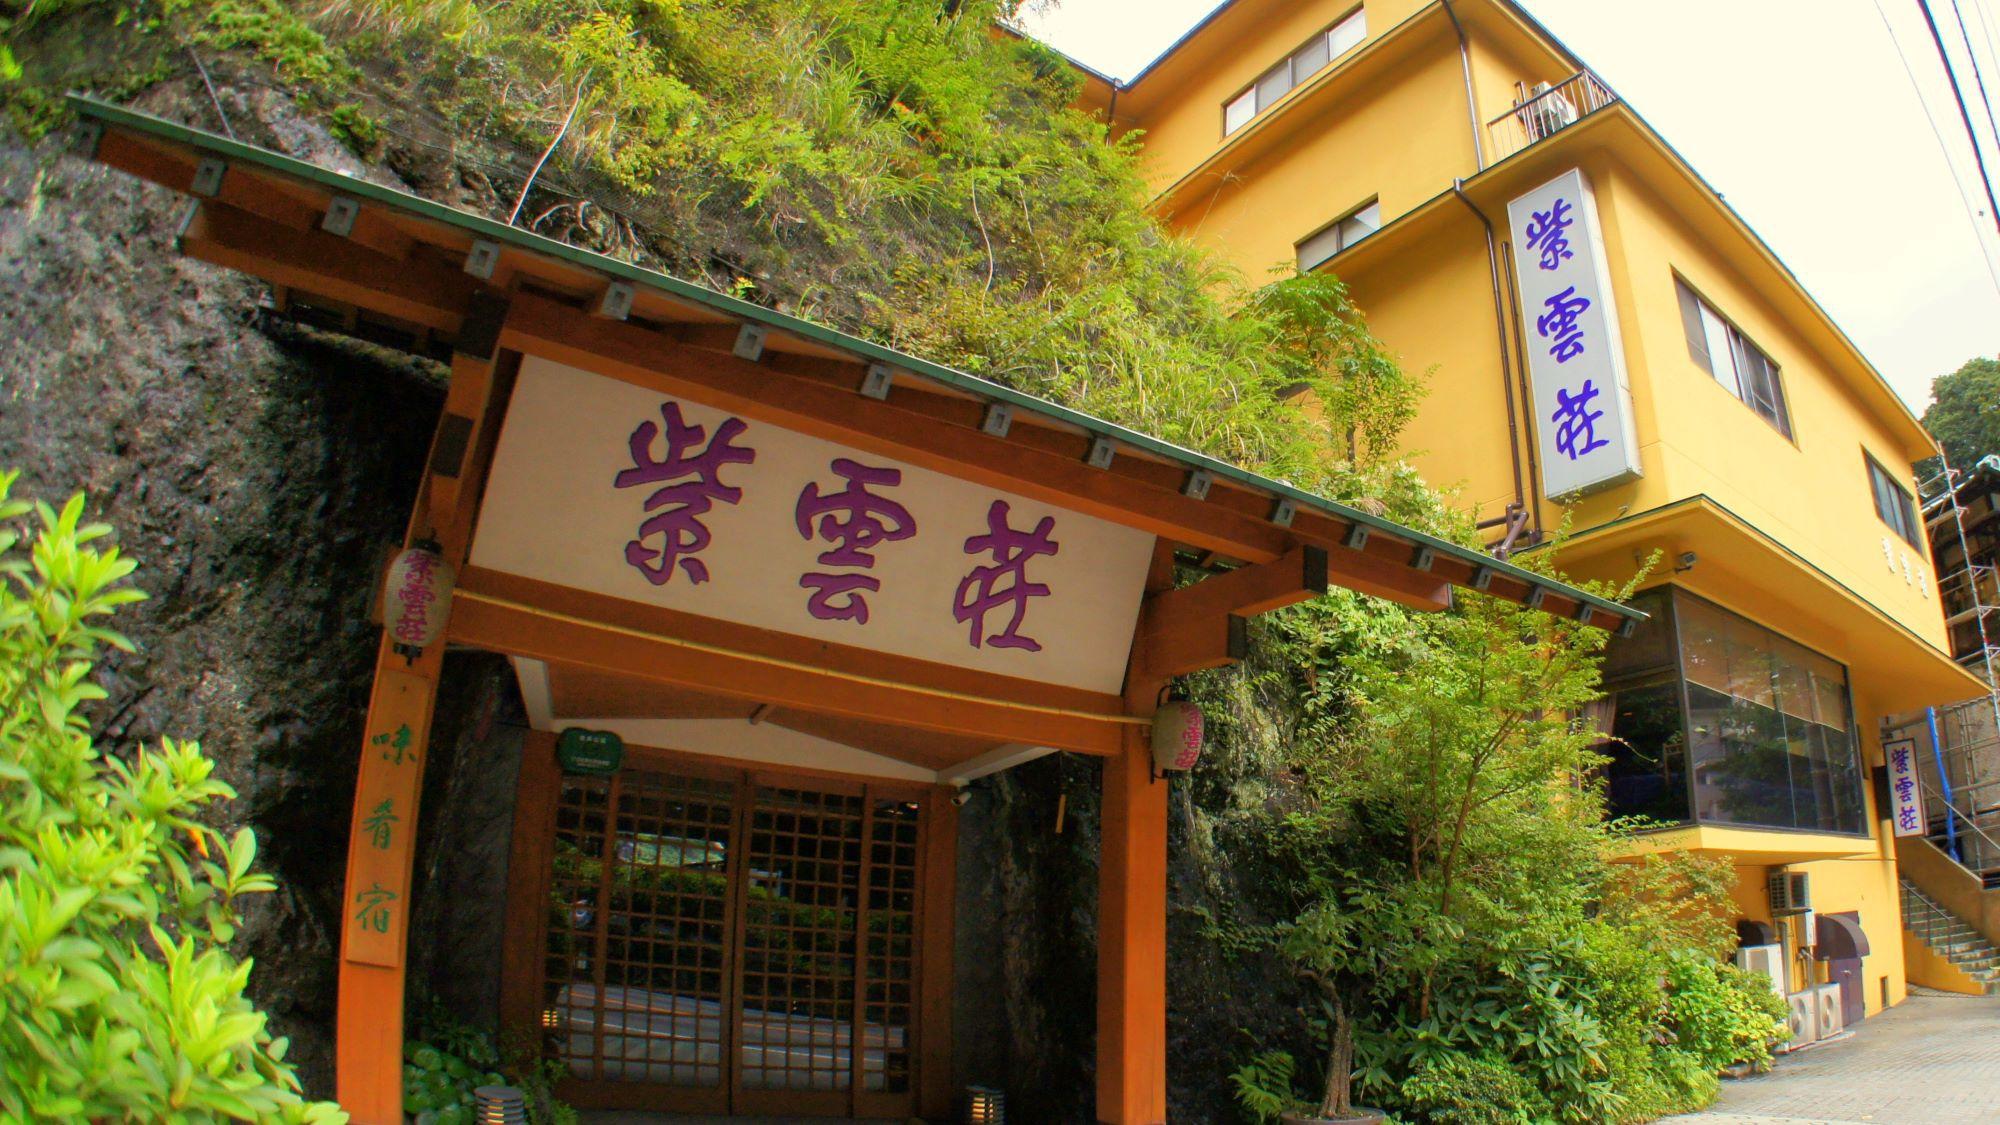 箱根温泉で憧れの高級旅館!おすすめの5つ星の宿を教えてください